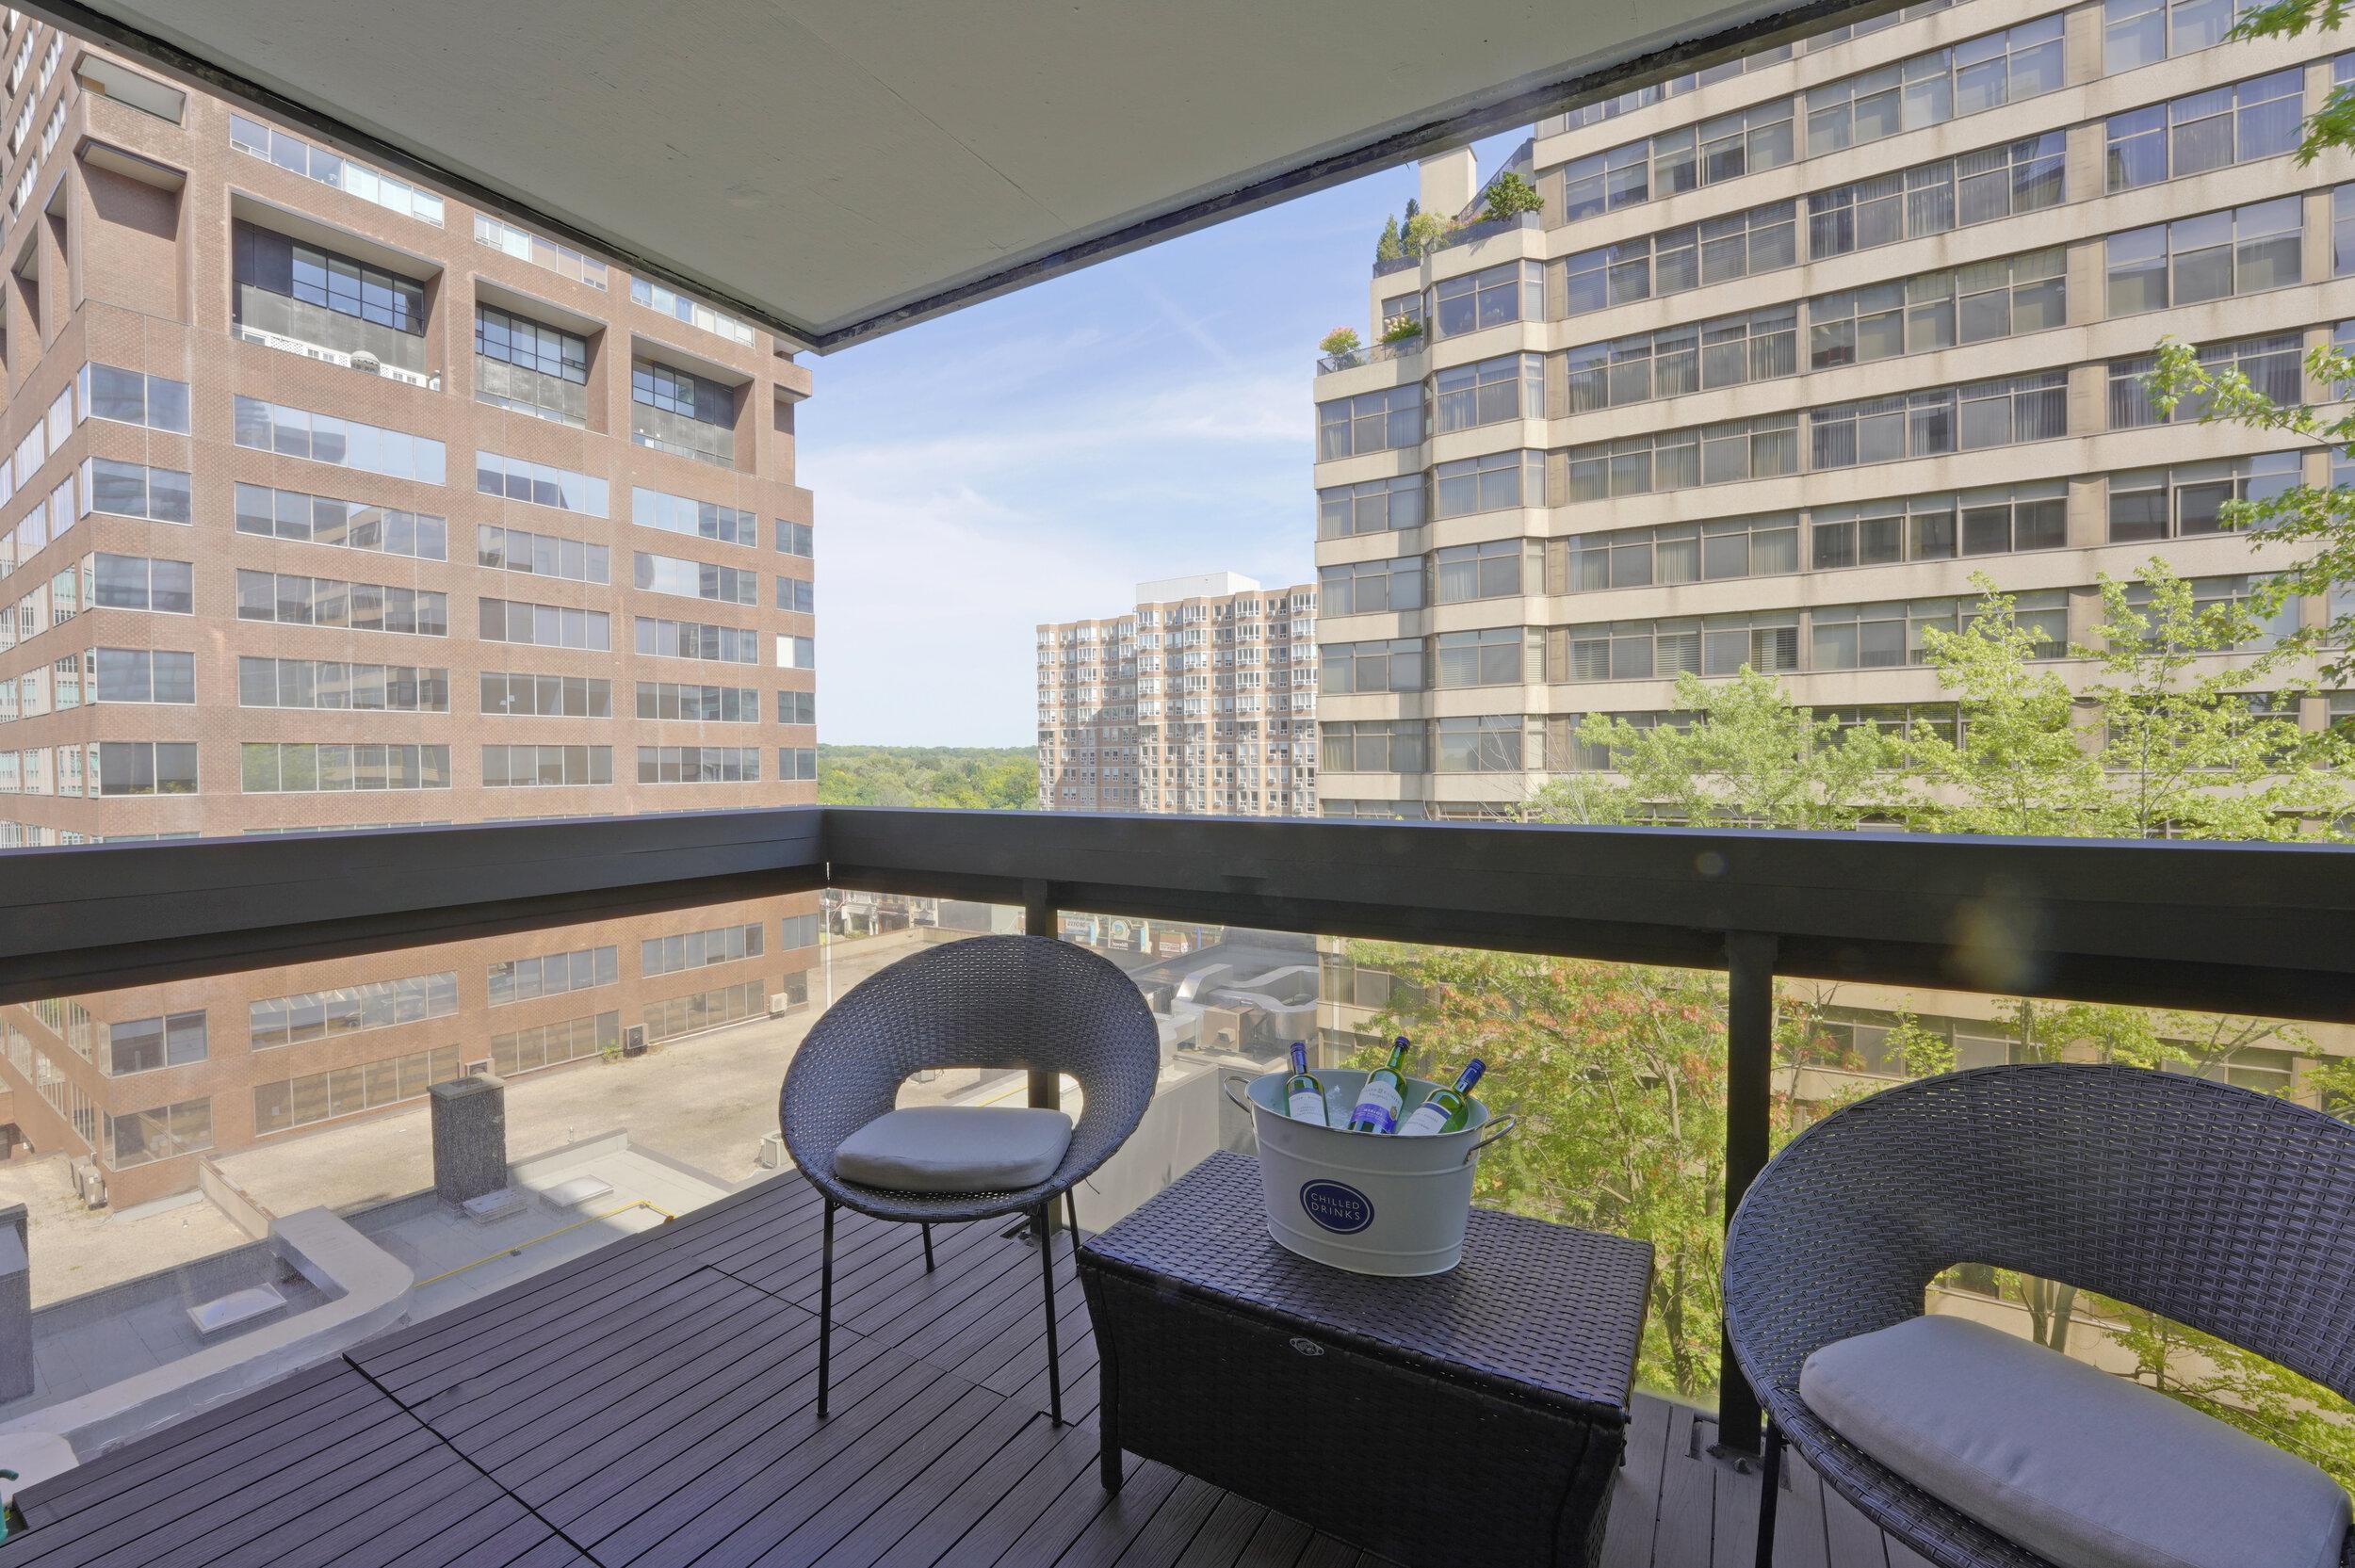 17 - Balcony 2 - DSC00612_3_4_5_6.jpg